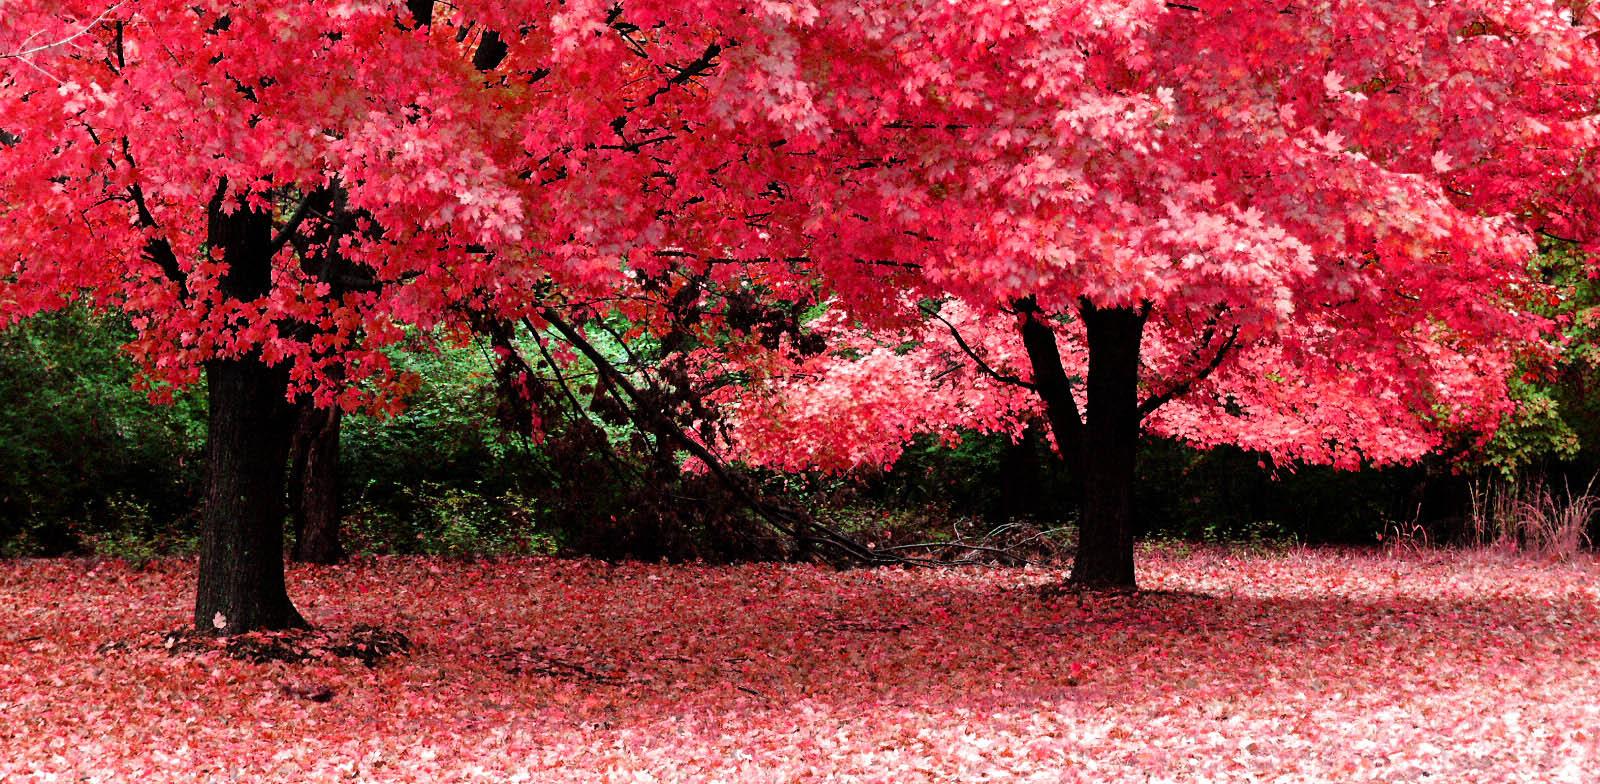 Consejos para tener tus rboles sanos y bonitos mi vivero en quito - Arboles bonitos para jardin ...